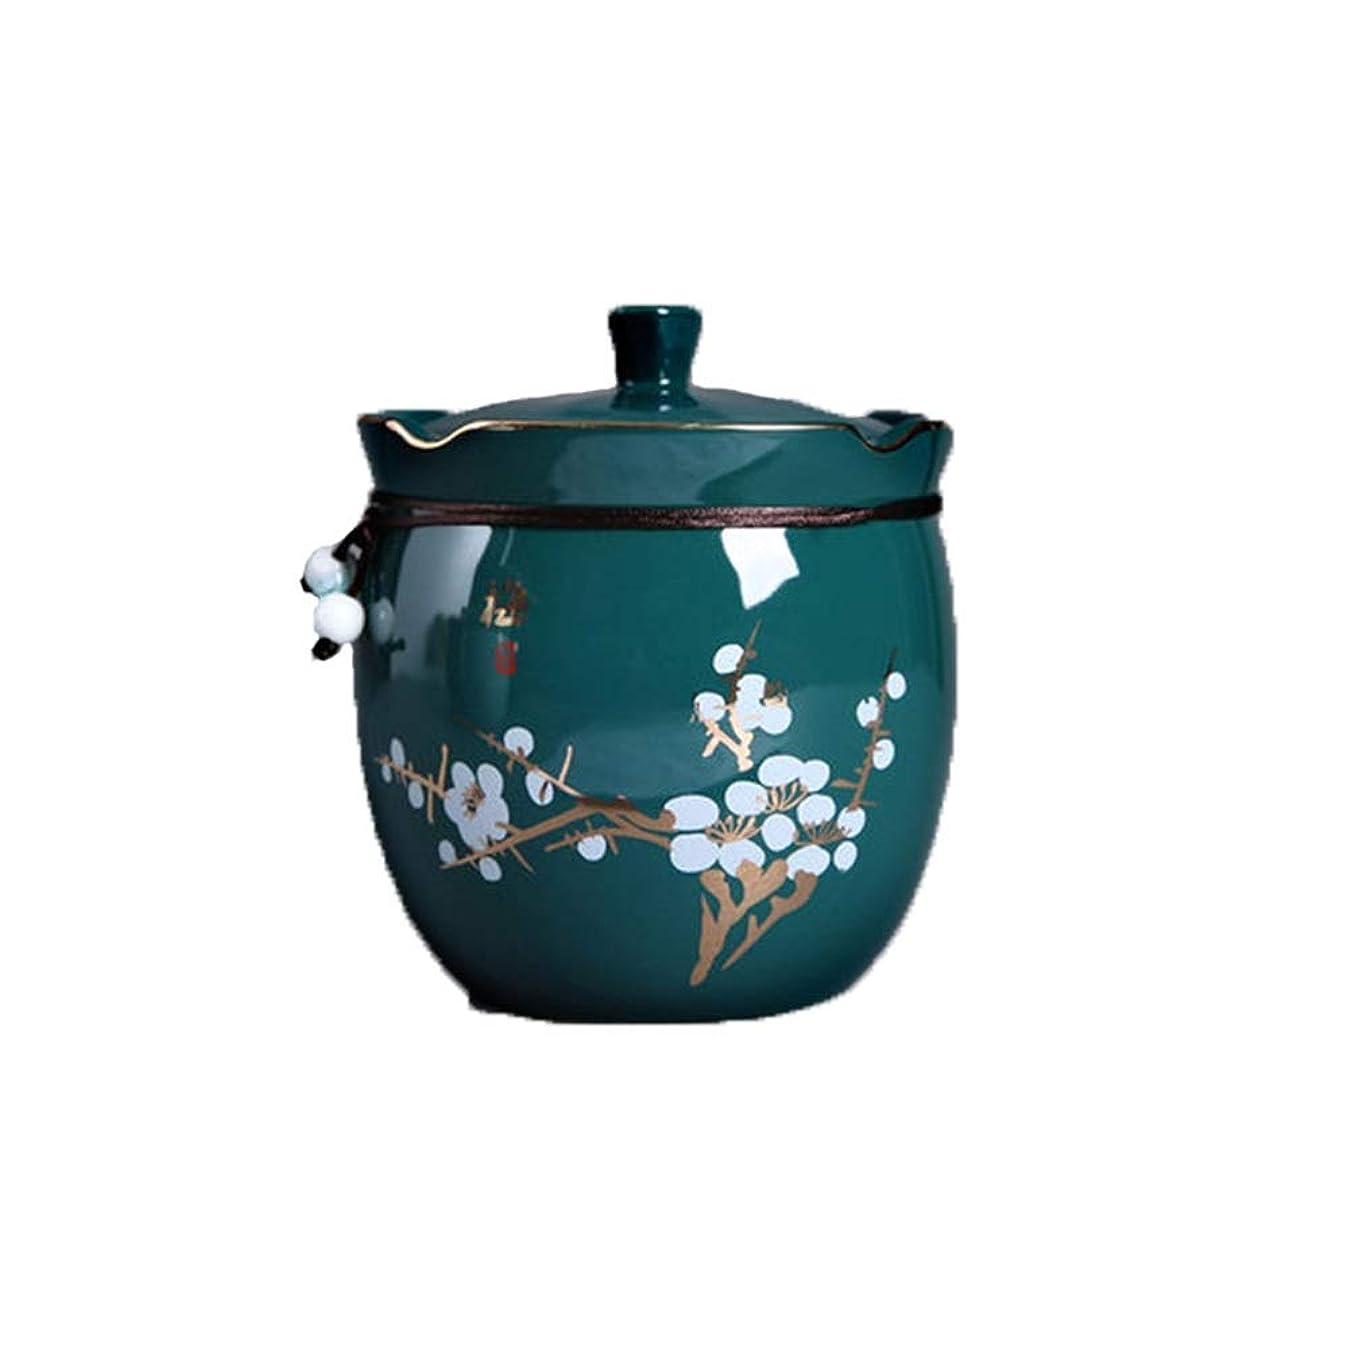 ポップ音声パワー葬儀壷少量の人間の灰セラミック瓶シール中間の数の色美しいパターン包装箱ギフトボックスホーム収納お土産 (Color : Green)